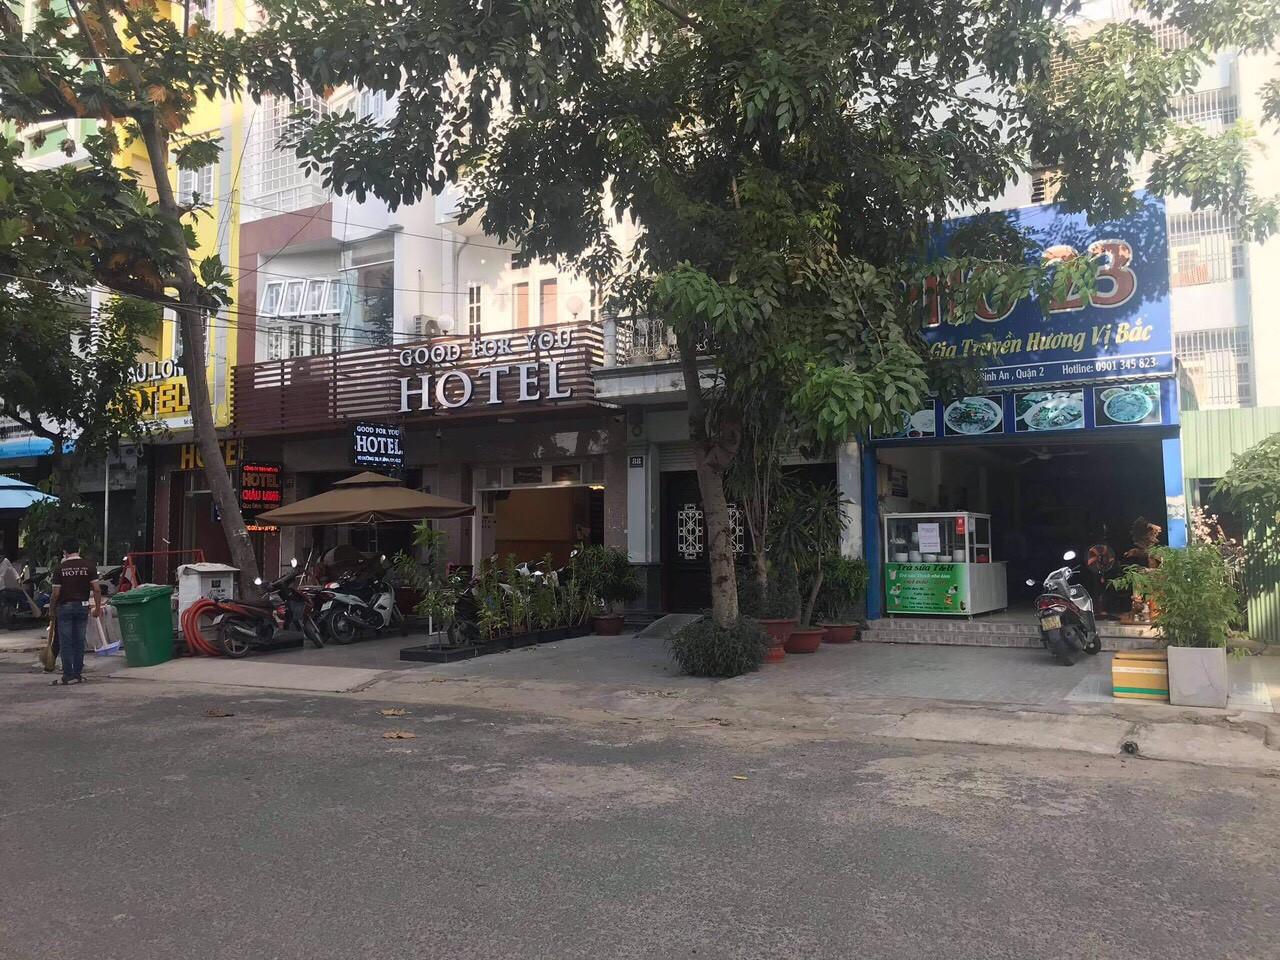 Cần bán nhà số 86, Đường 20, Phường Bình An, Quận 2, TPHCM, diện tích 4x16